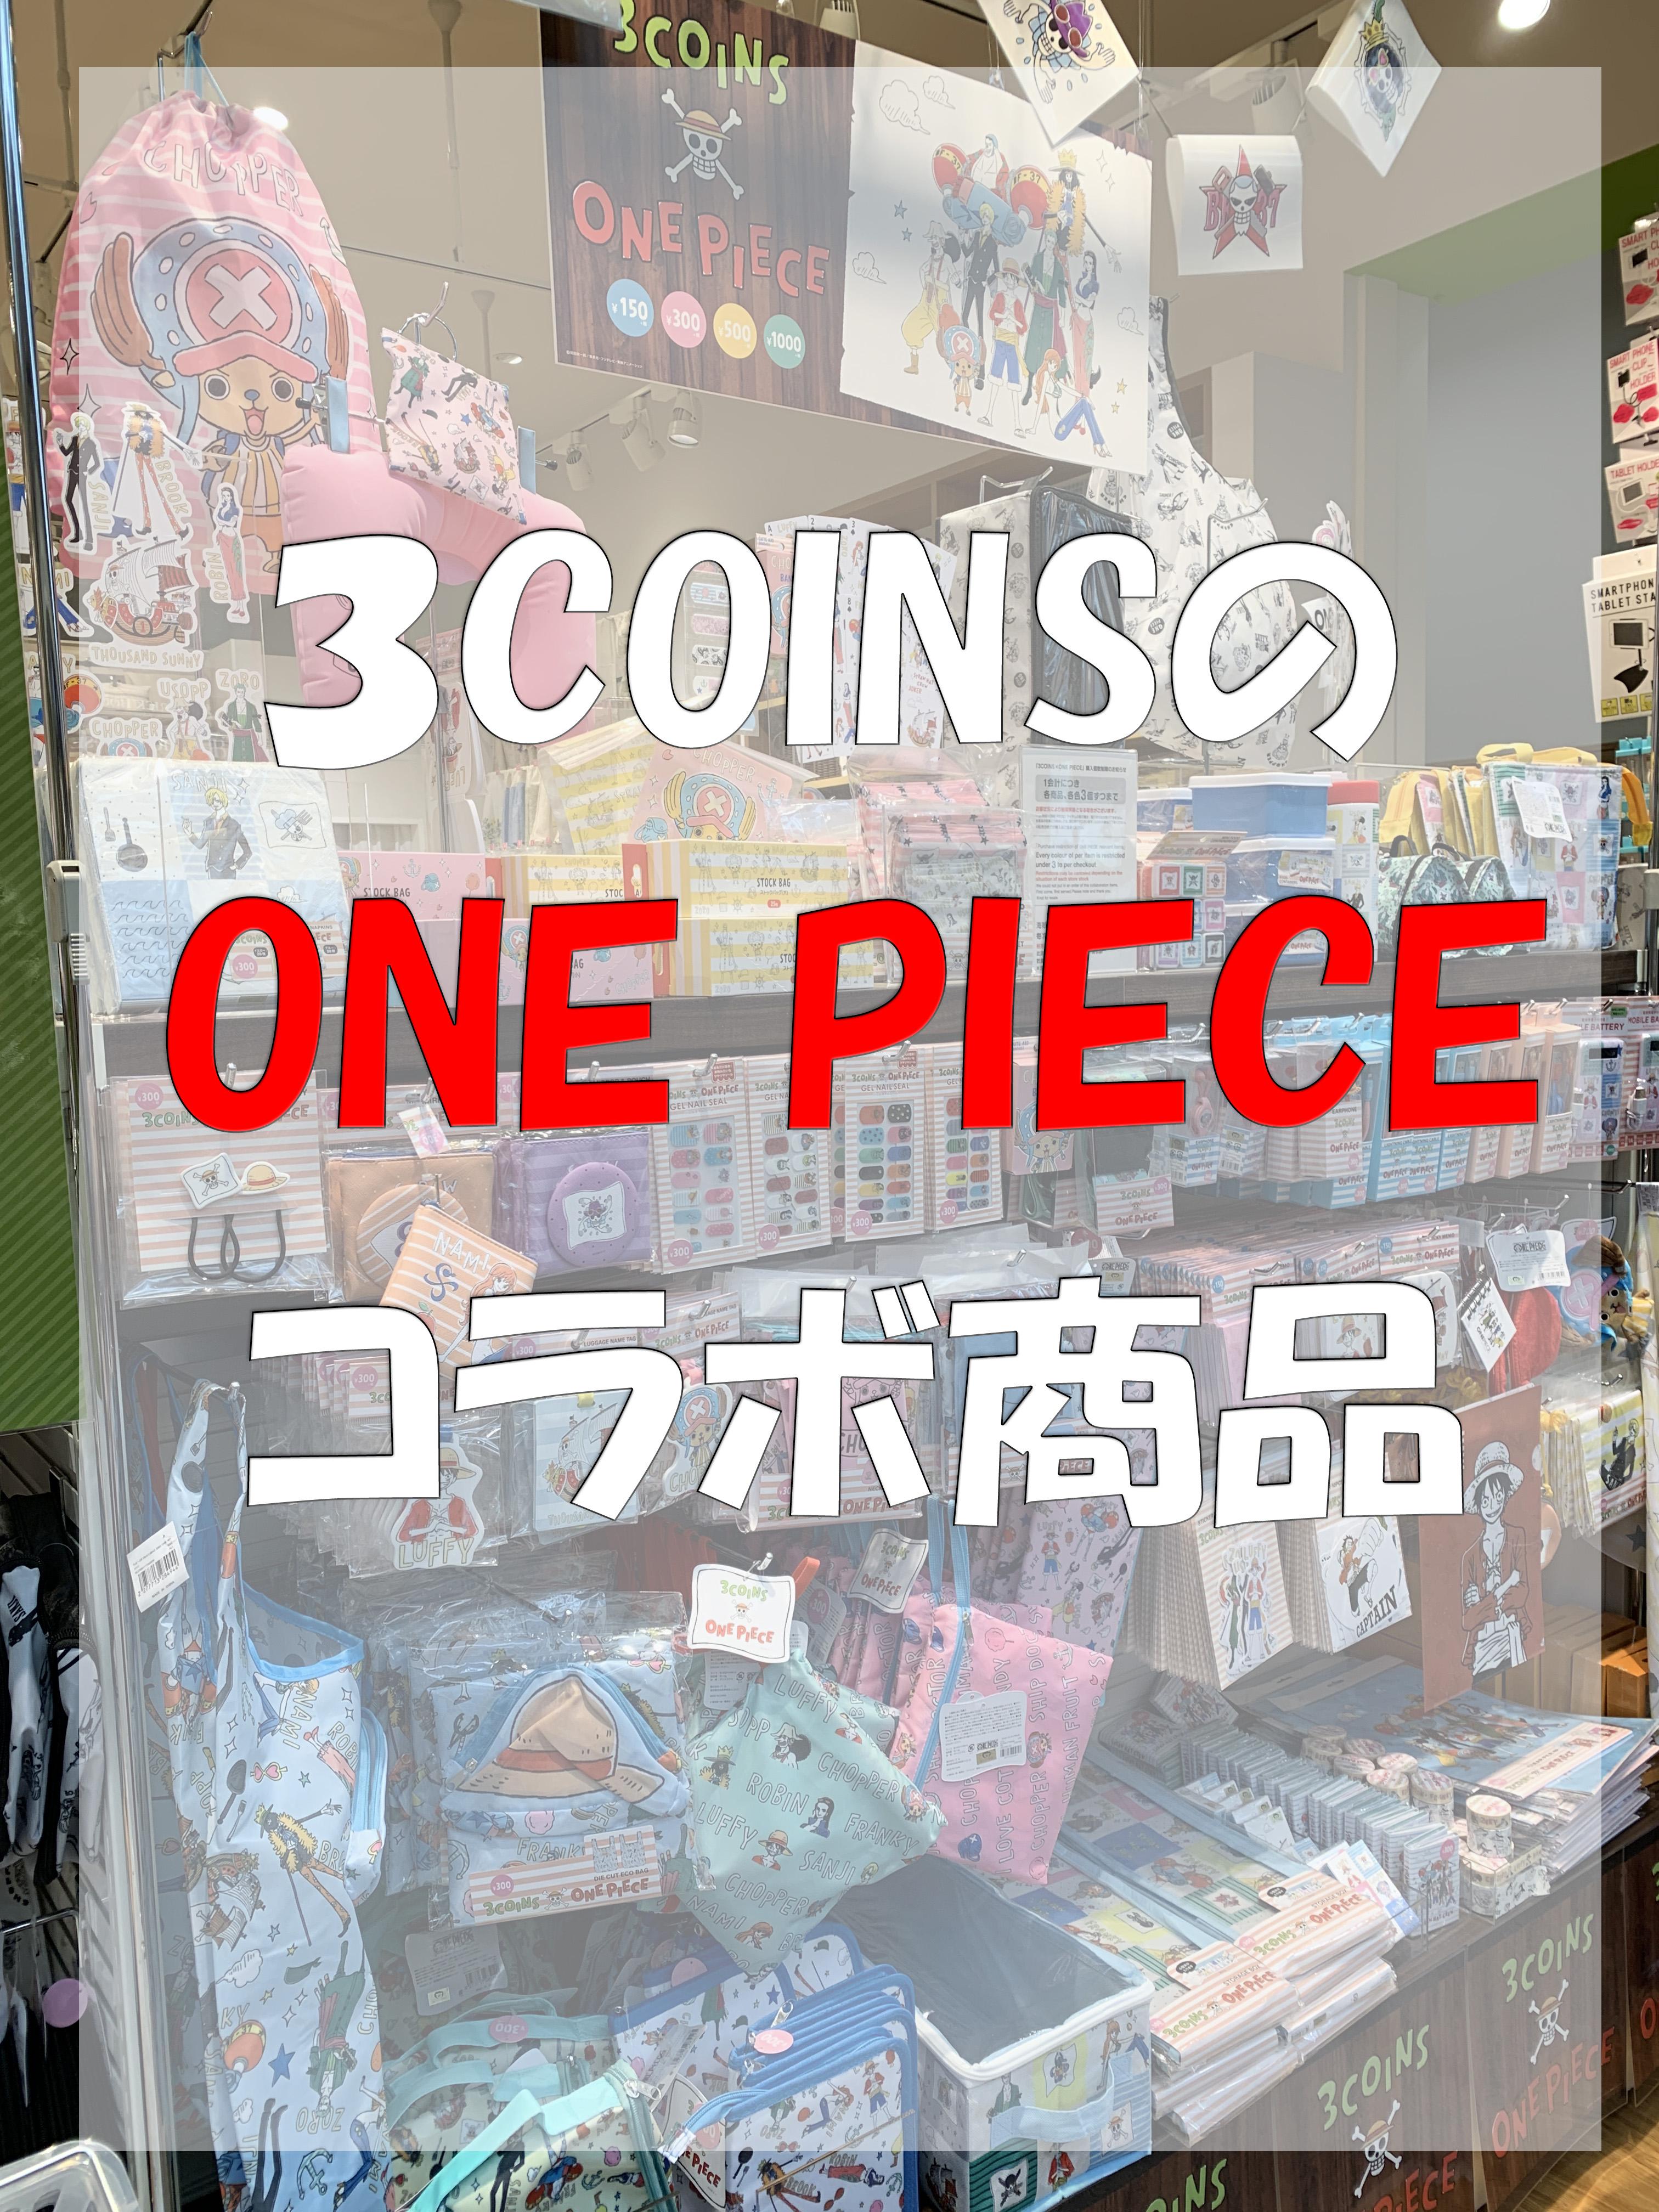 3COINS(スリーコインズ)のワンピースコラボ商品は人気?売り切れや入場整理は?